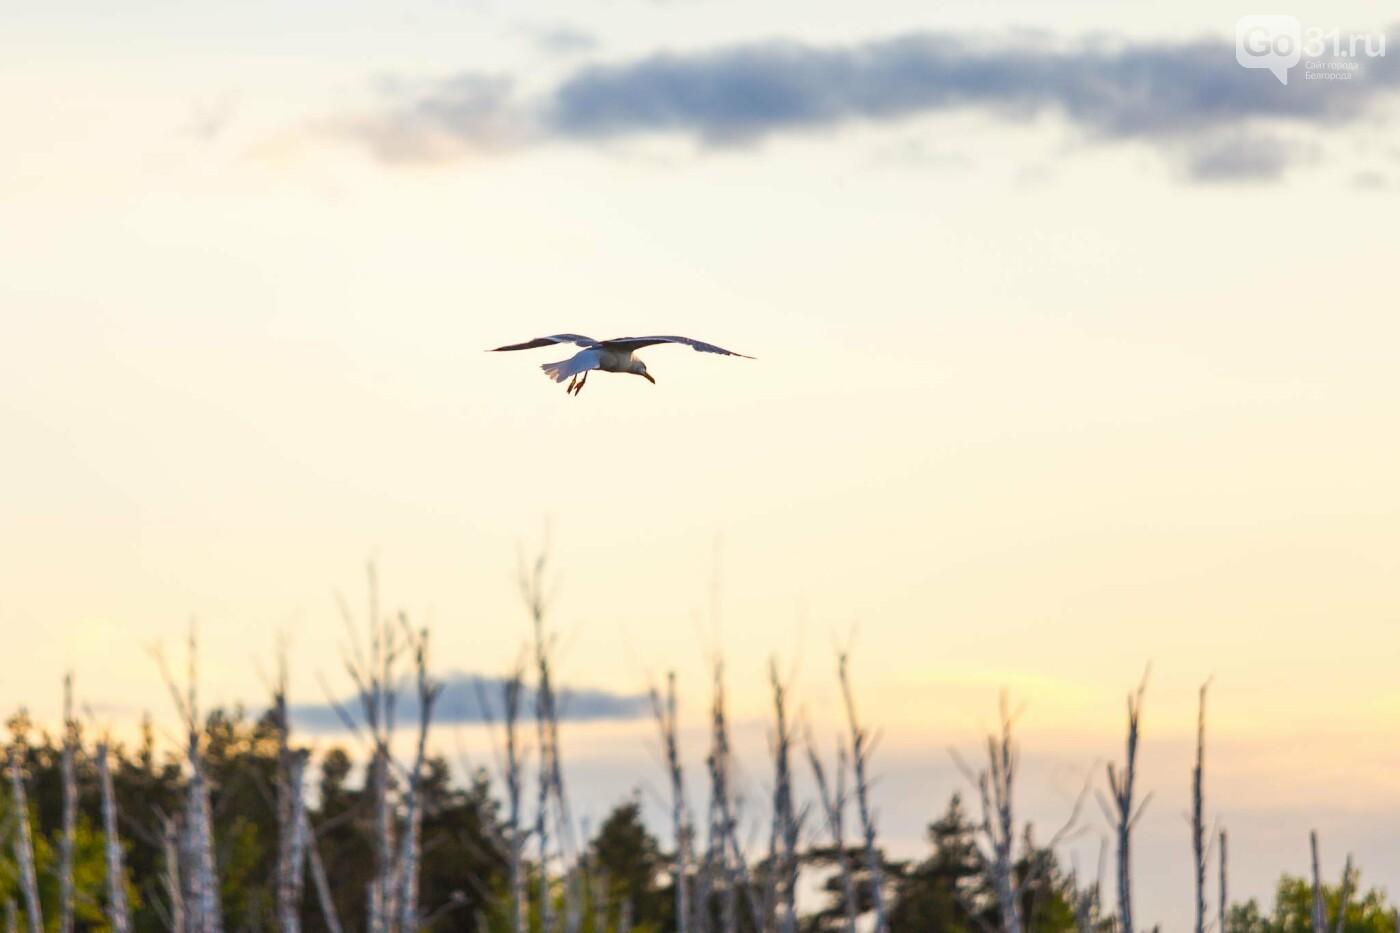 Пролетая над озером. В Белгороде чайки выбрали удобное место обитания, фото-23, Фото: Антон Вергун